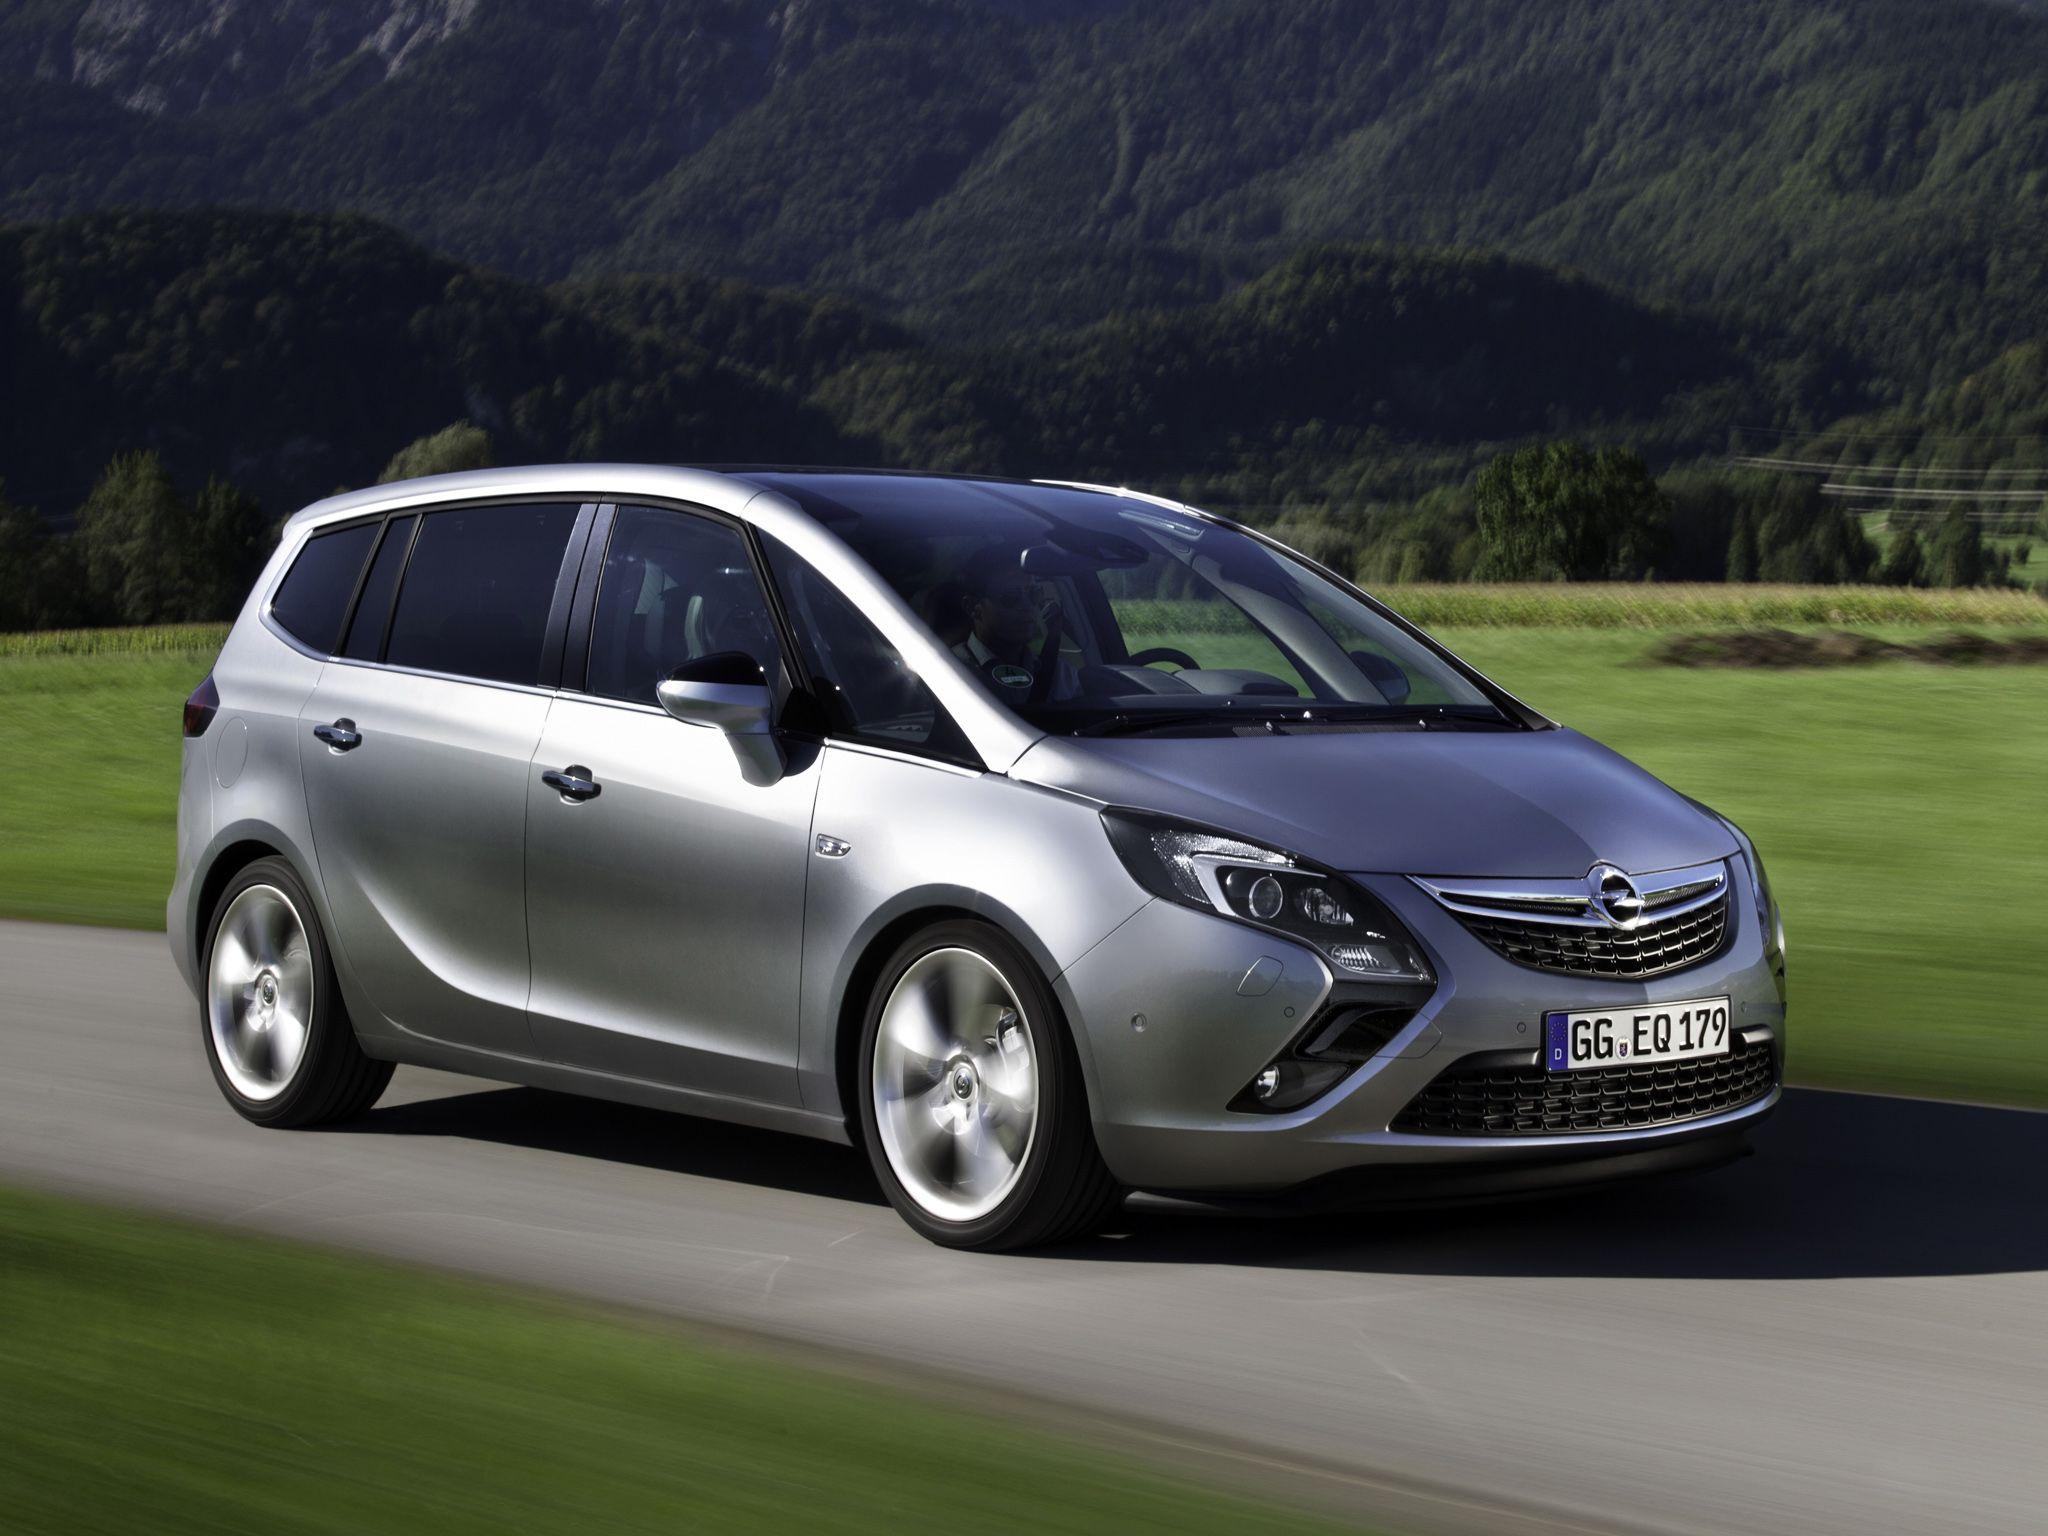 Opel Zafira Tourer Turbo Autos